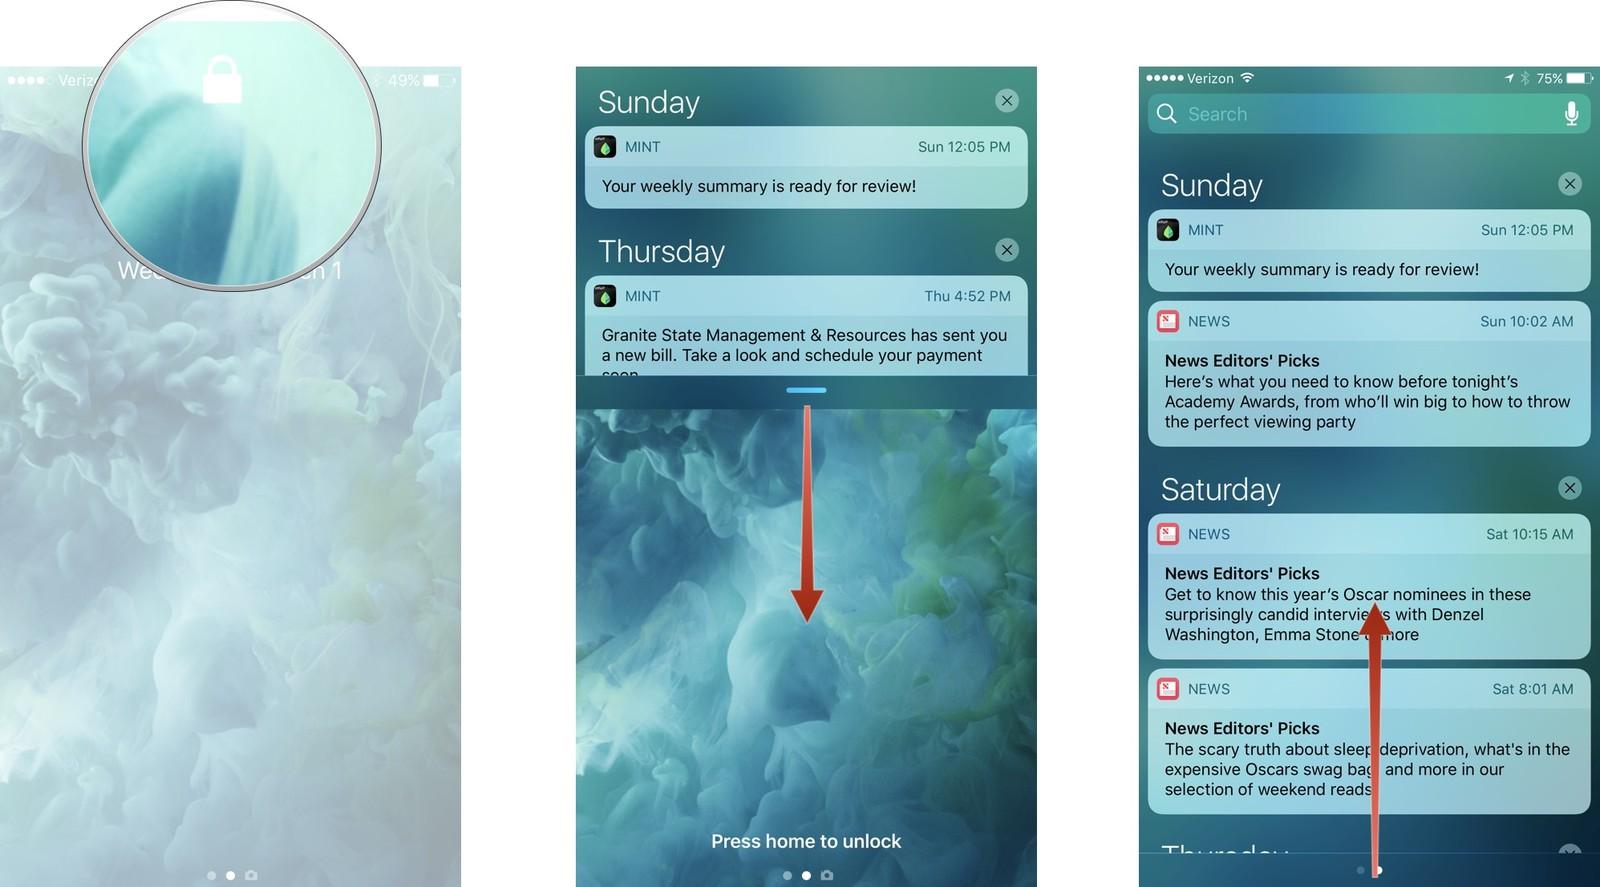 Как использовать Центр уведомлений на iPhone и iPad - Центр уведомлений на смартфоне